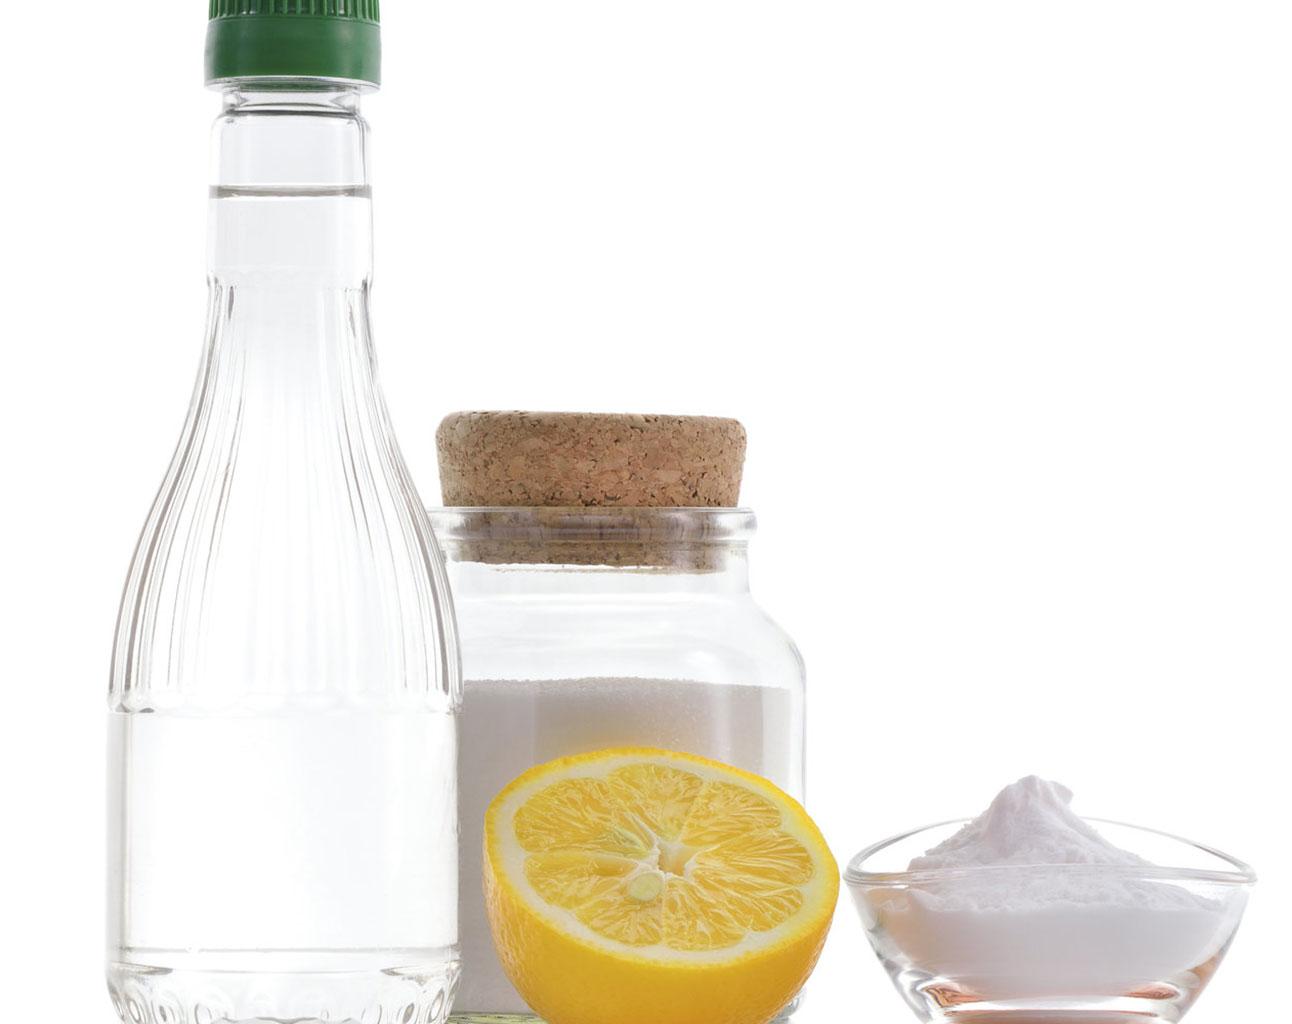 Сахар, вода и лимонная кислота